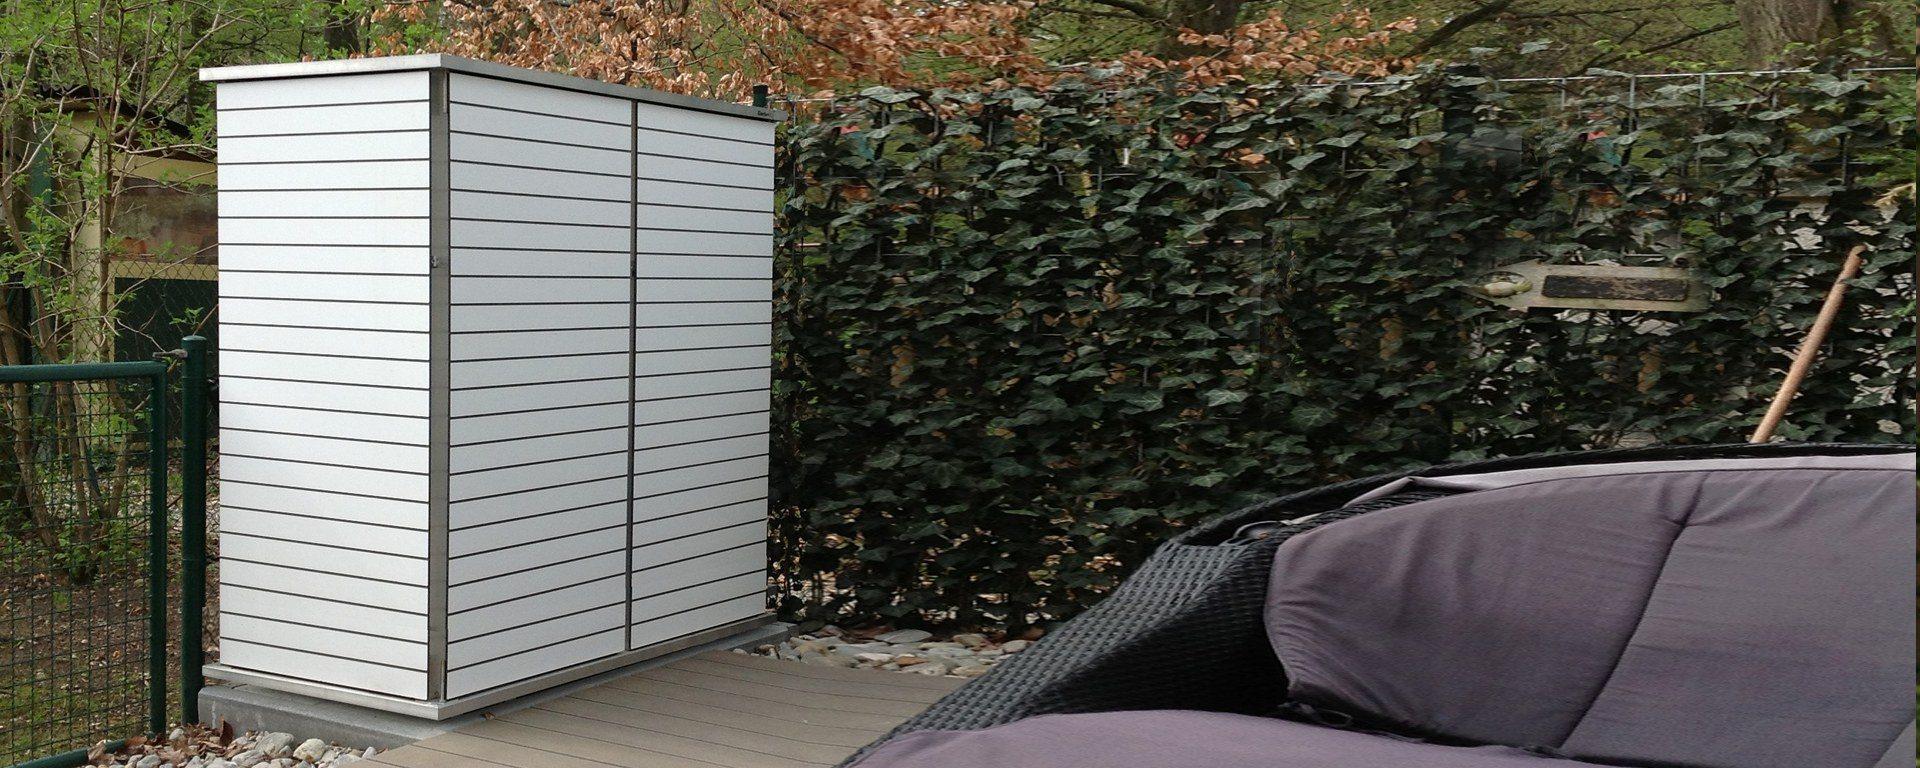 gartenhaus baugenehmigung garten q gmbh. Black Bedroom Furniture Sets. Home Design Ideas